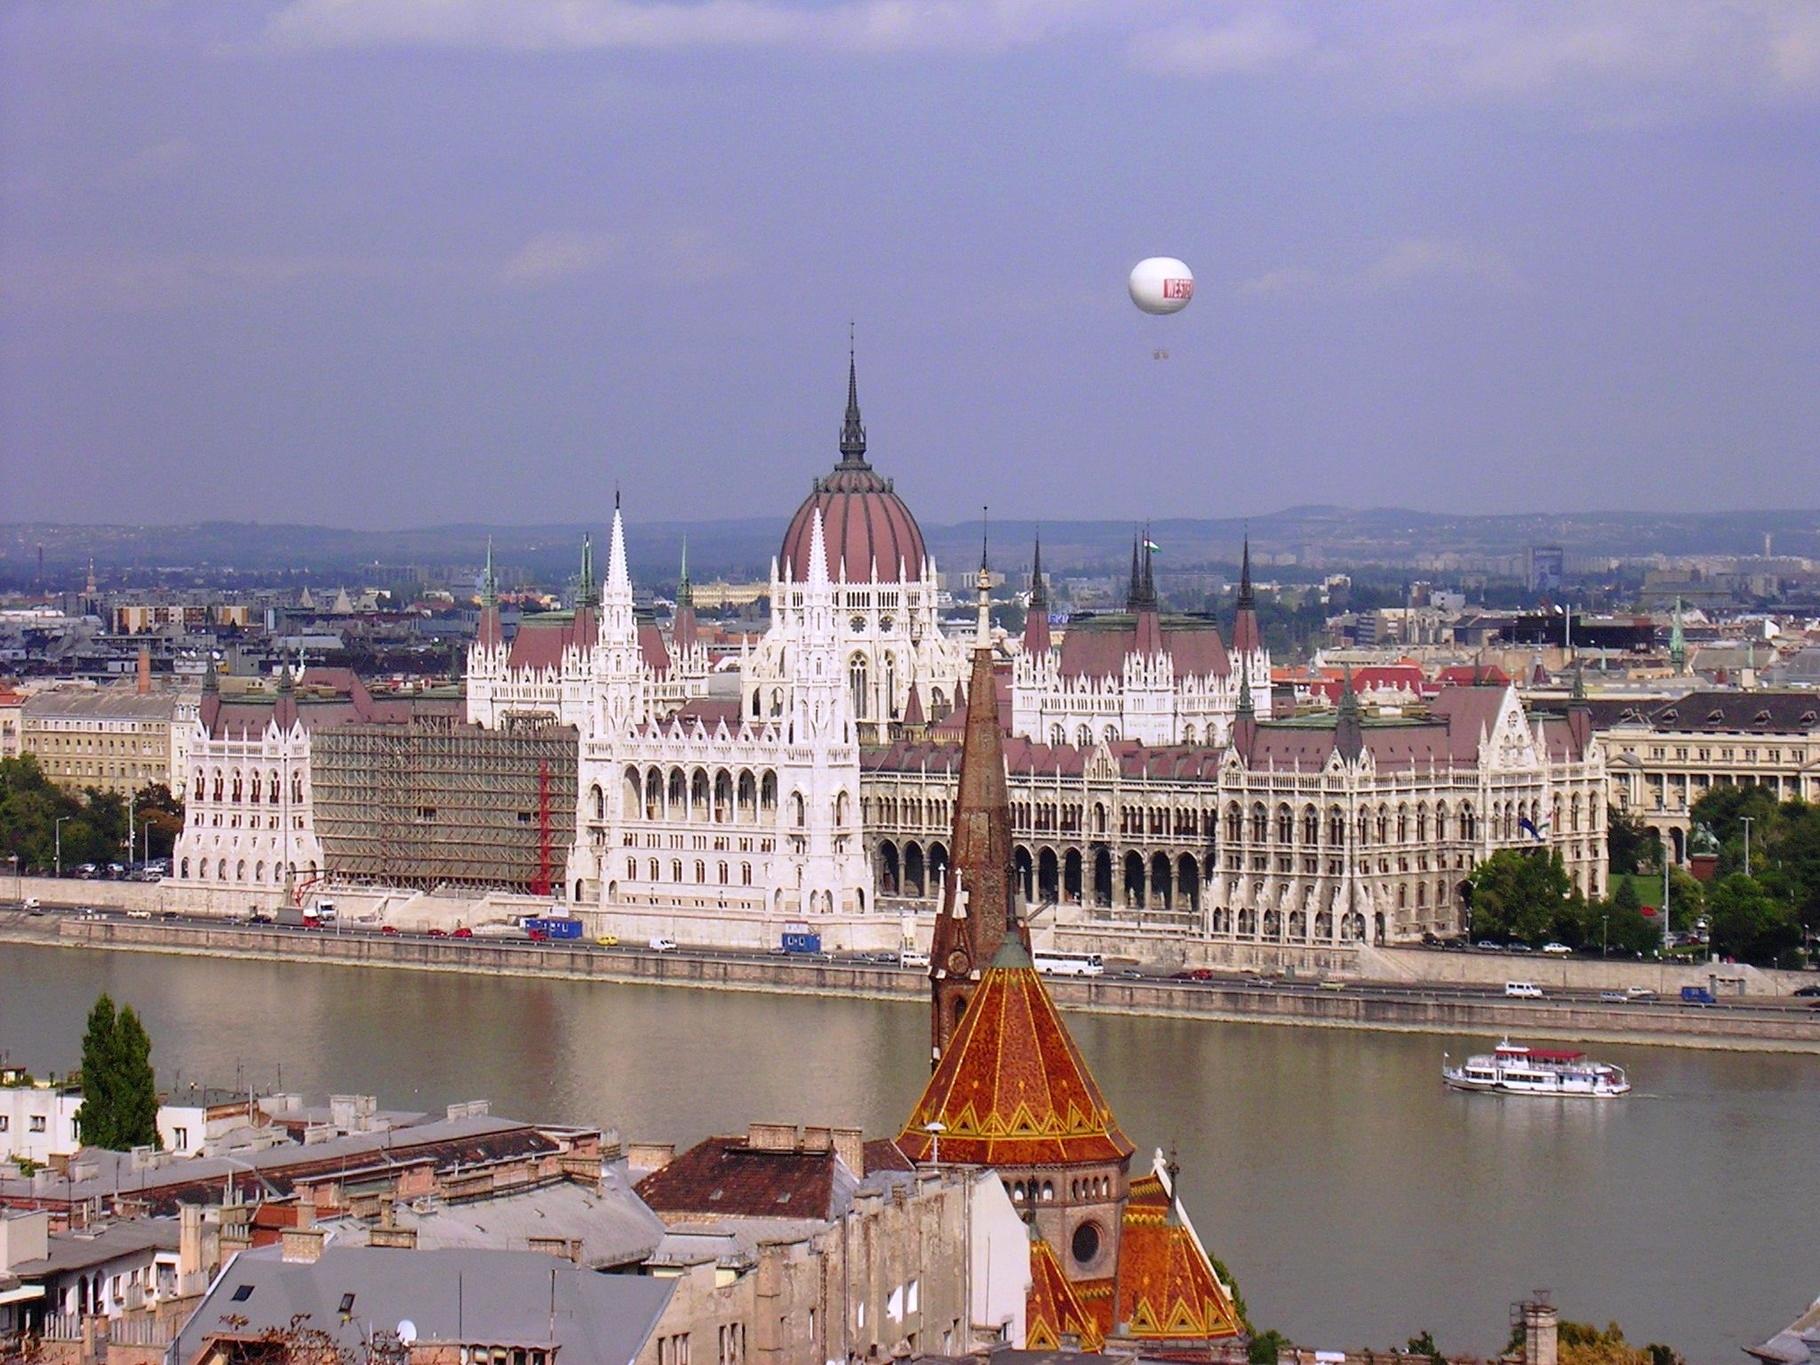 Stadtansichten Budapests (Fotos Jörg Schwarz)